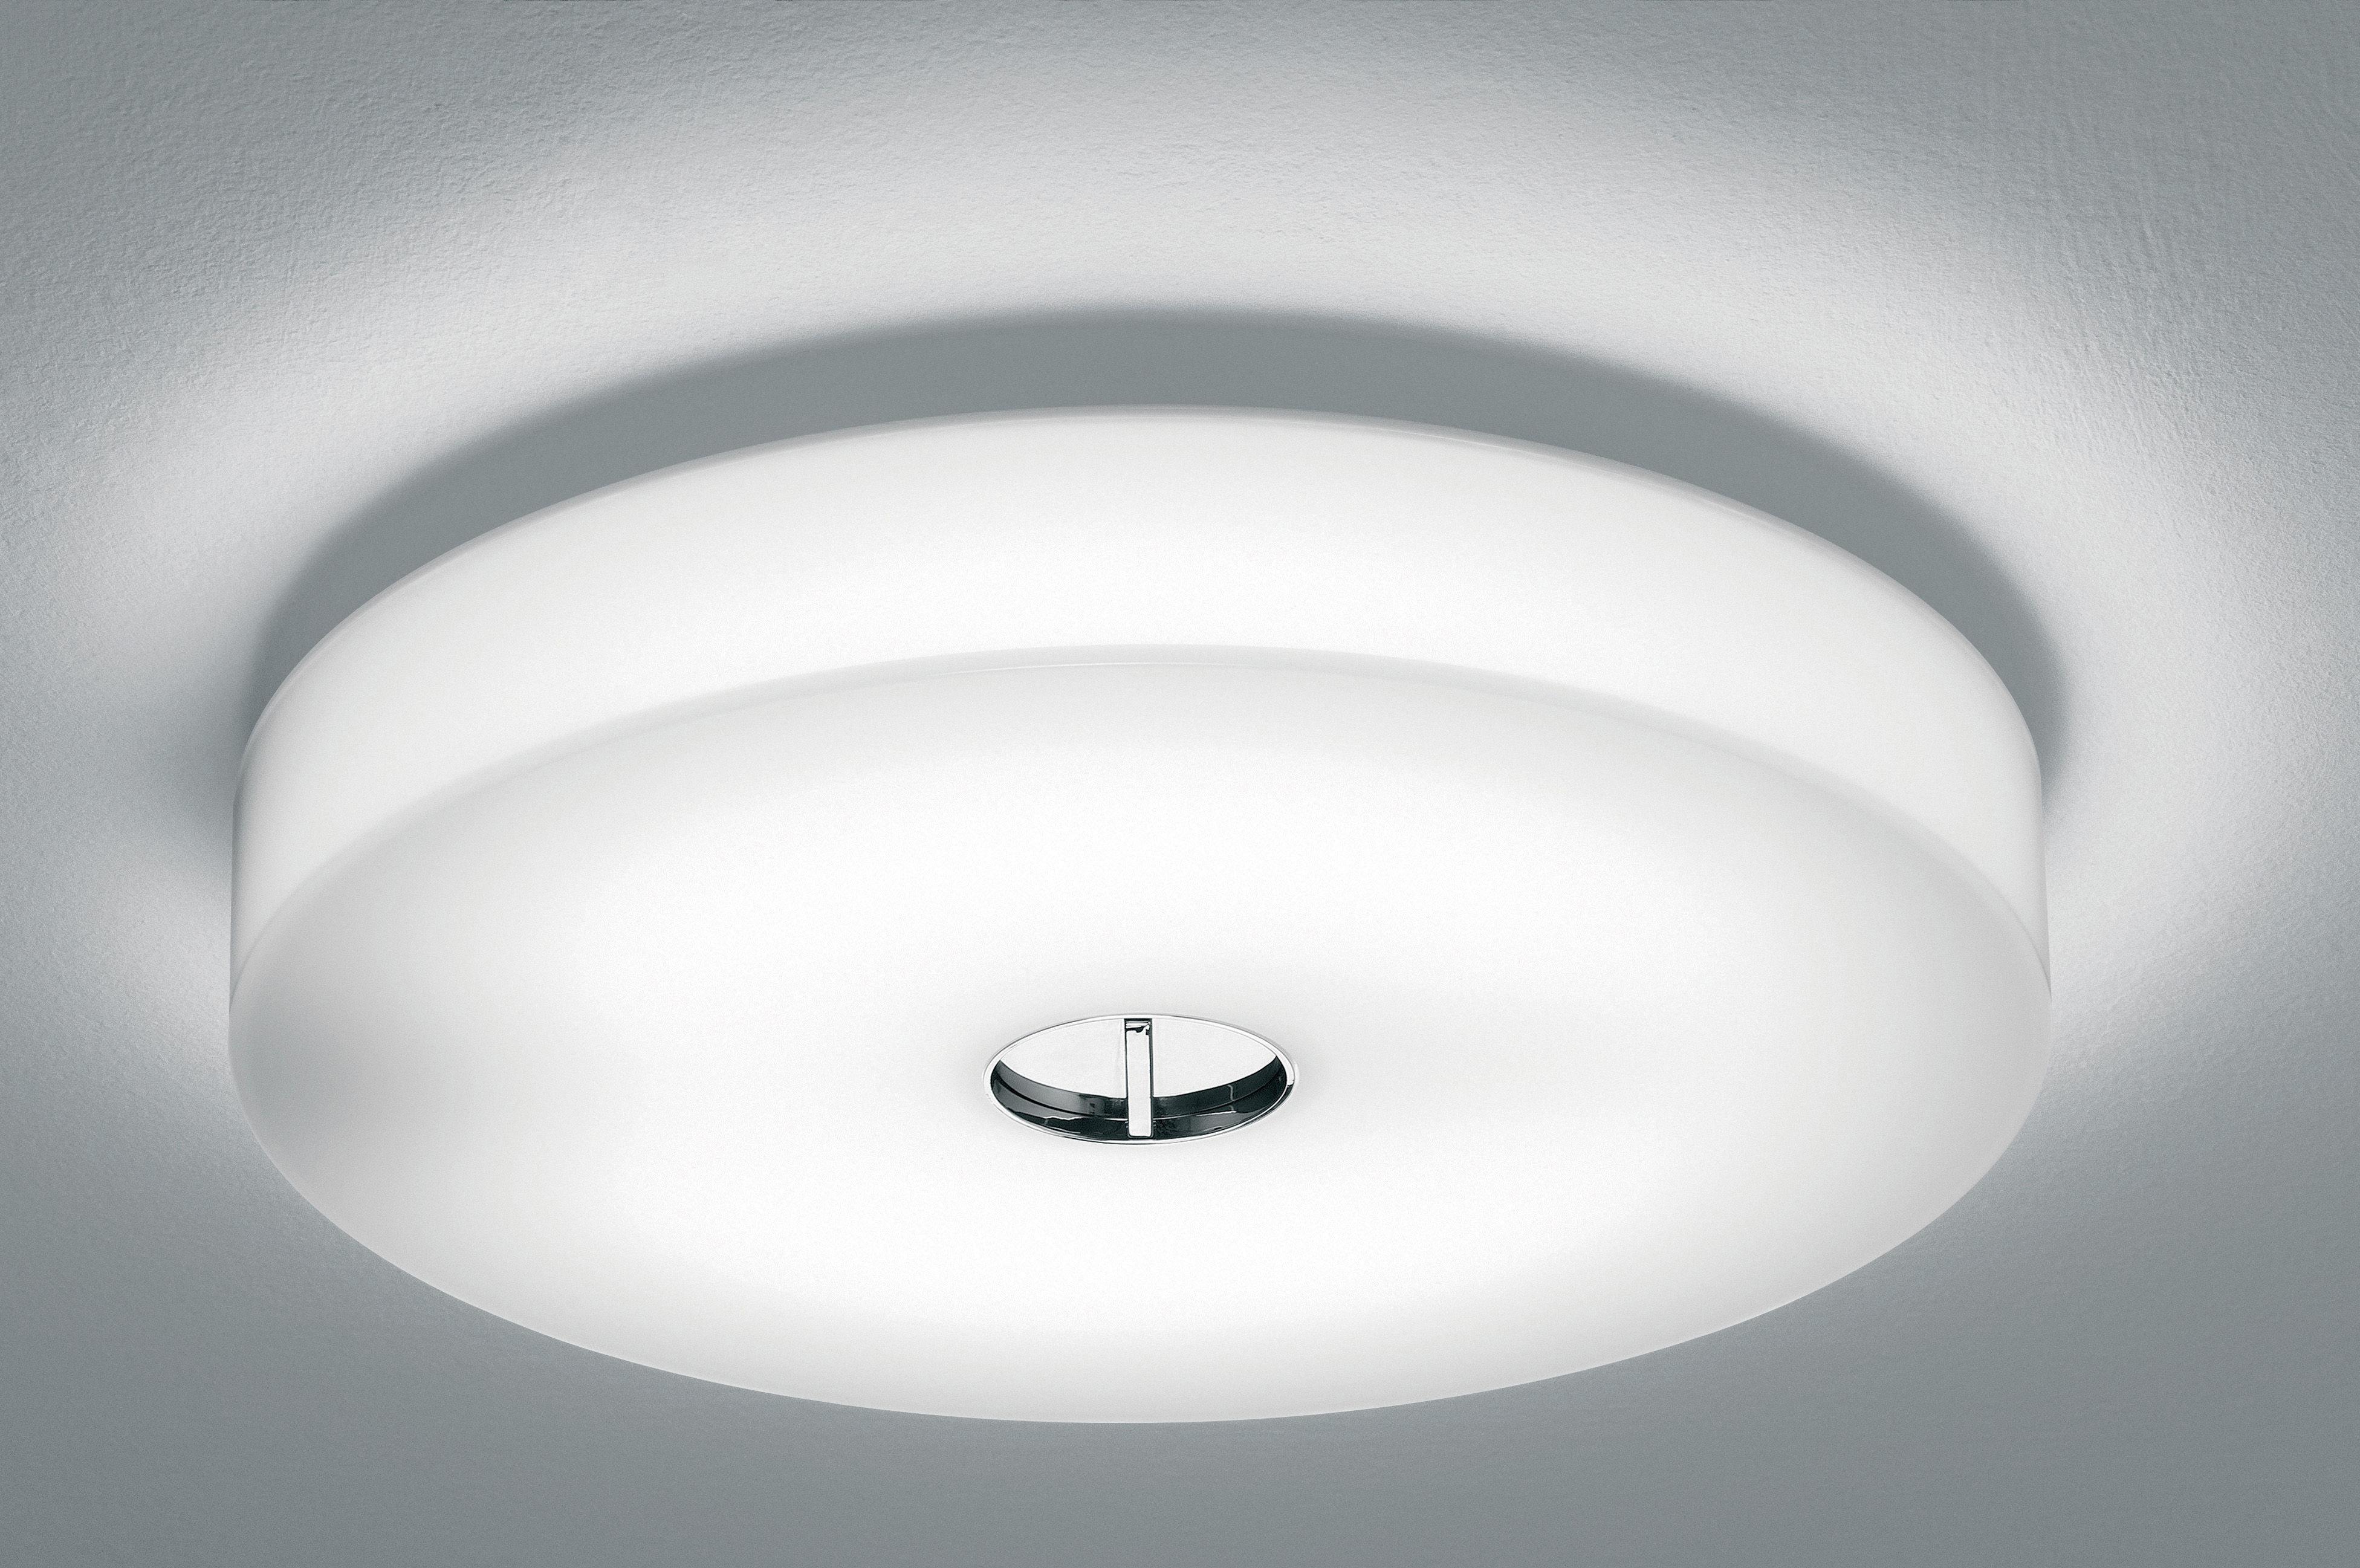 Flos Plafoniere : Outdoor wandleuchte mini button von flos weiß h 14 made